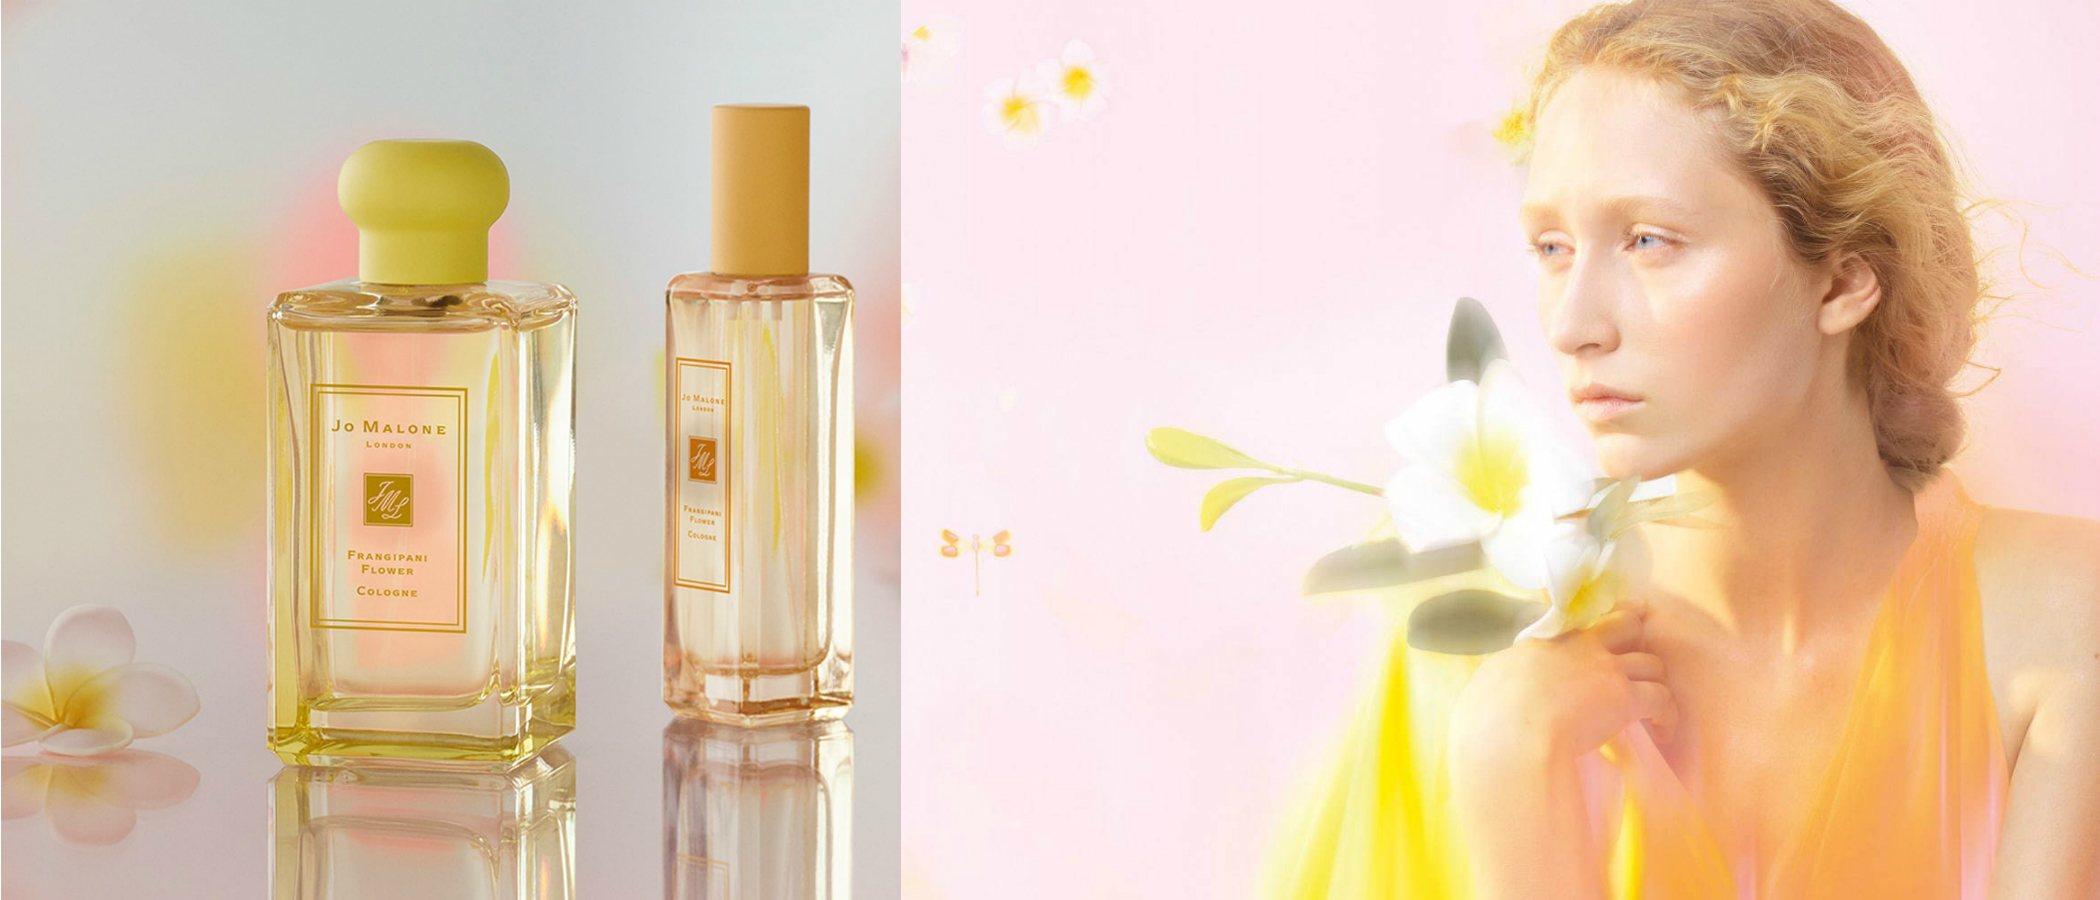 Jo Malone amplía su colección de fragancias unisex 'Blossoms' con el lanzamiento de 'Frangipani Flower'